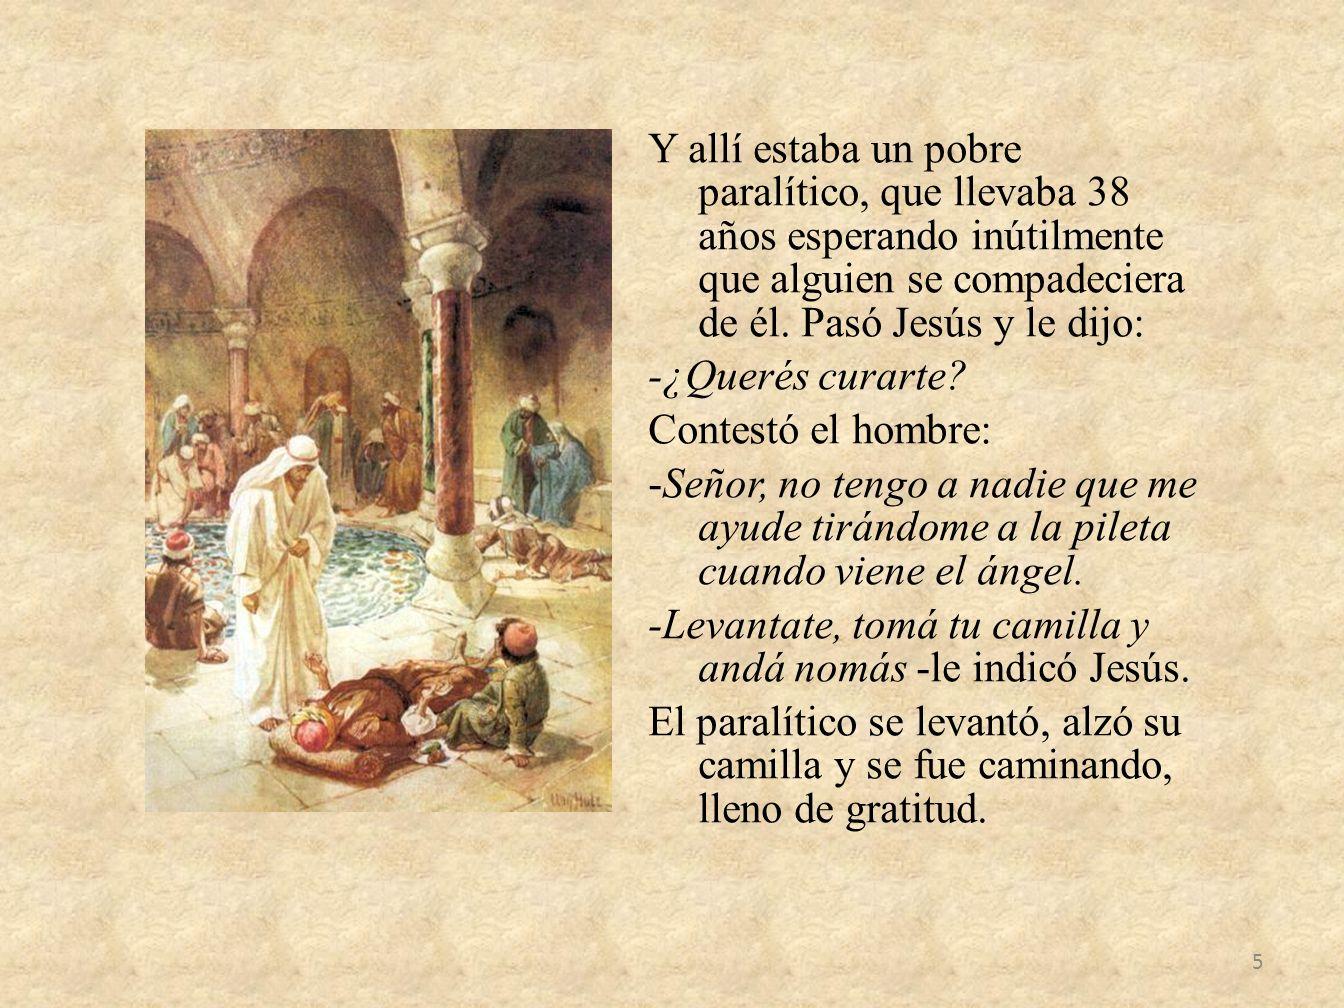 - En virtud de este sello, el cristiano queda configurado a Cristo, participa de diversos modos en su sacerdocio y forma parte de la Iglesia según estados y funciones diversas.